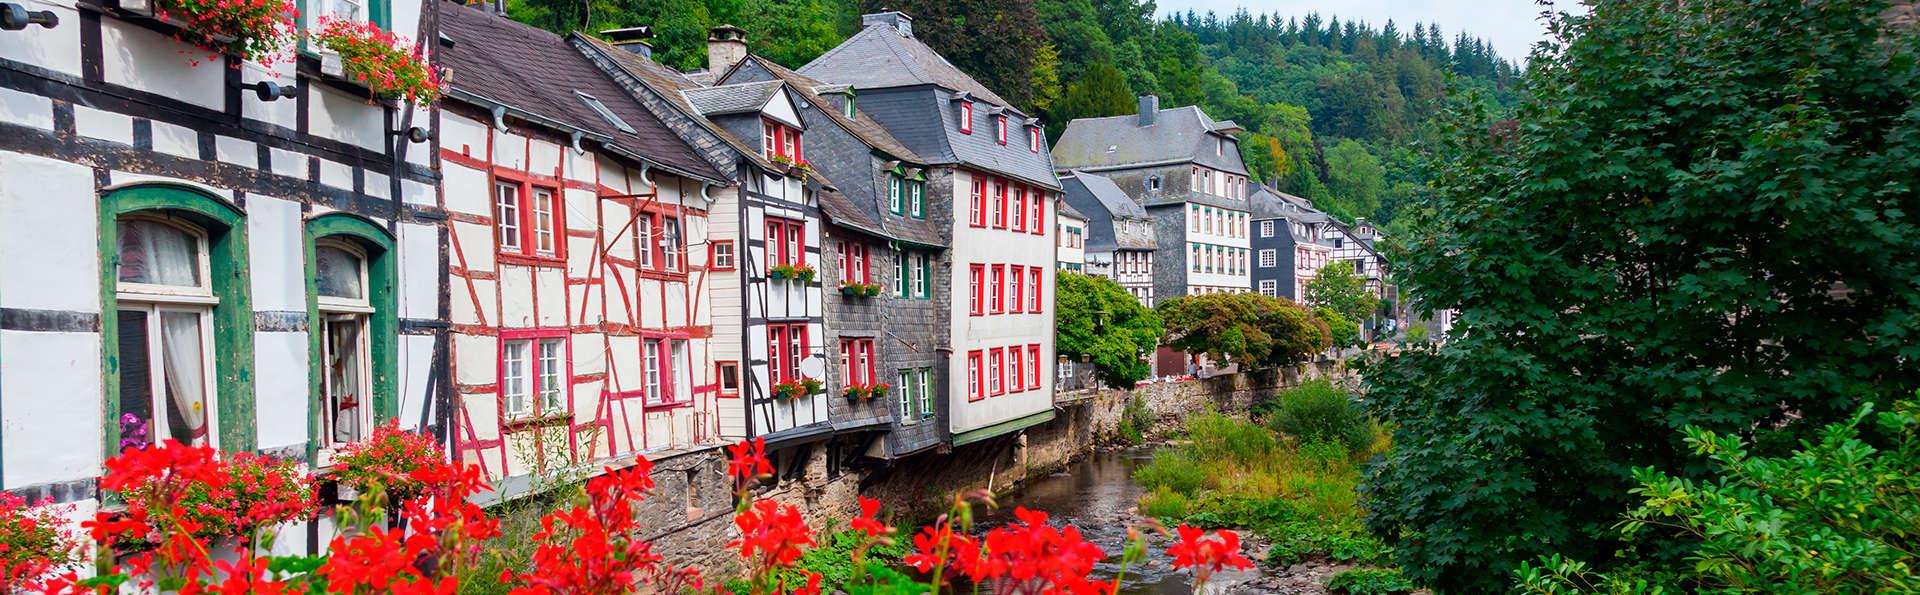 Plaisirs culinaires et détente à Eifel en Allemagne (à partir de 2 nuits)